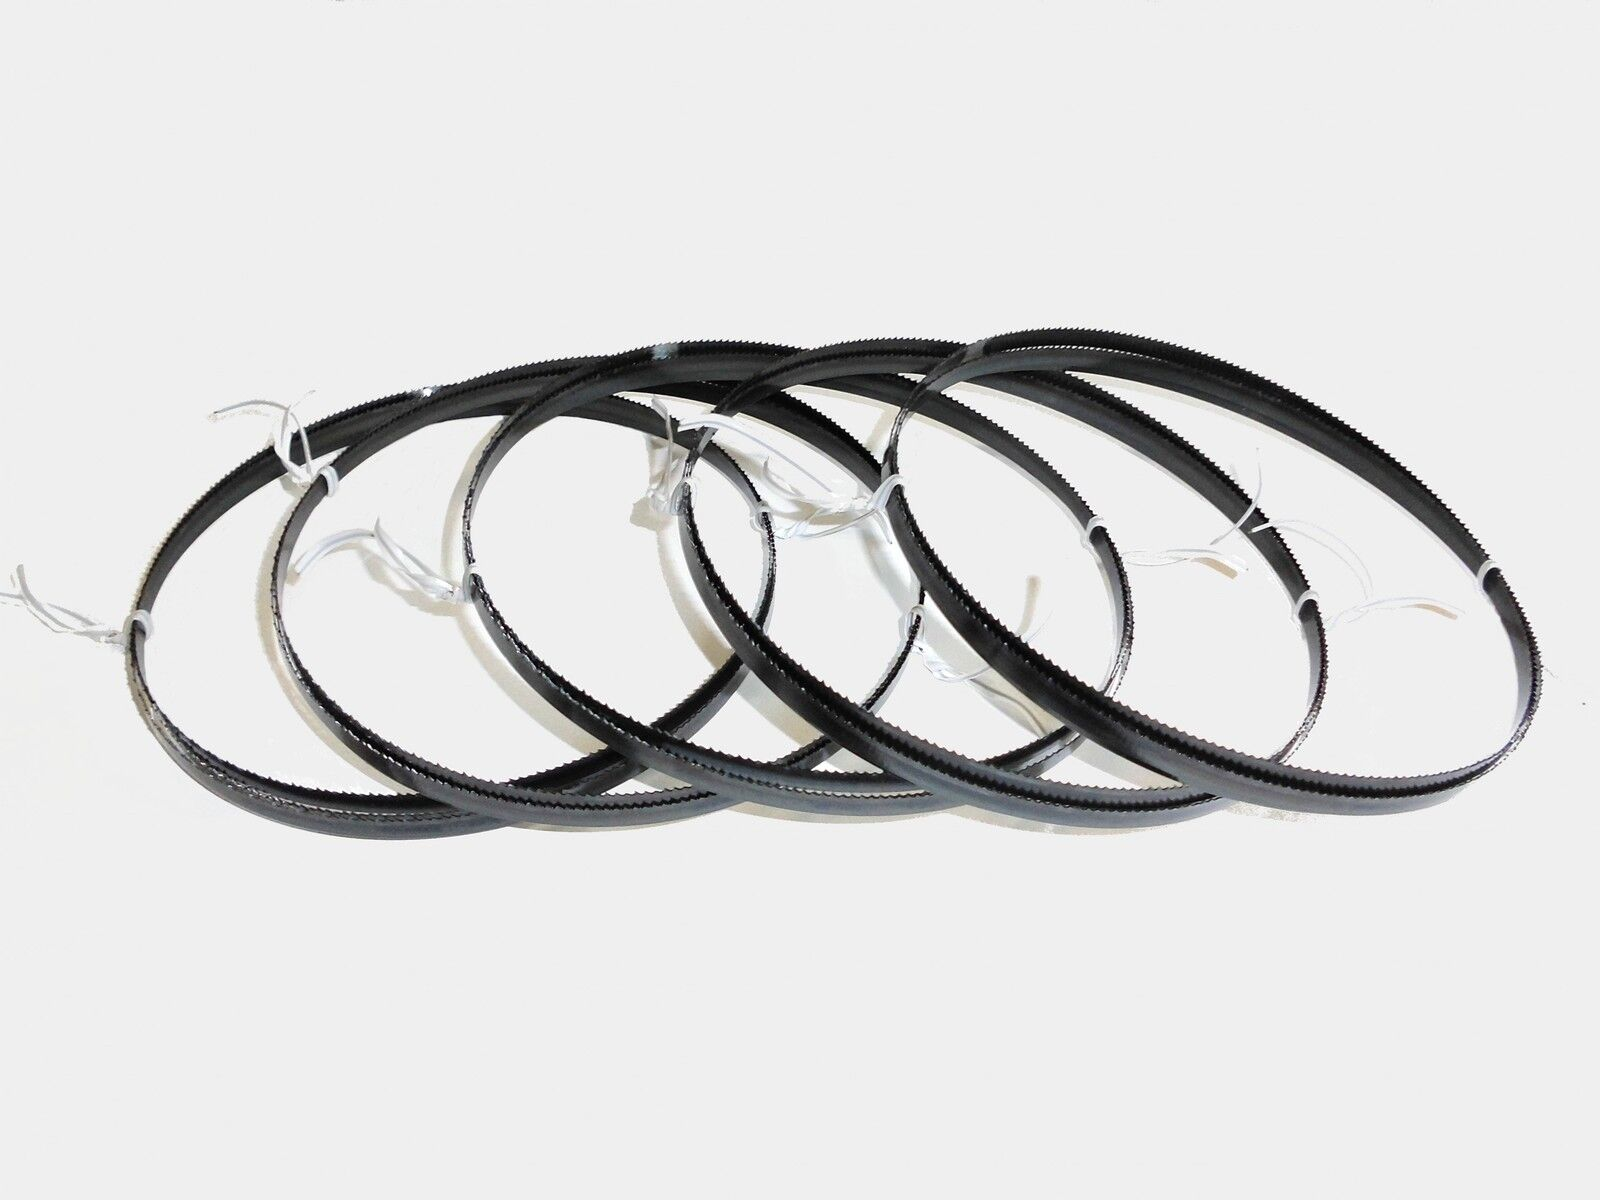 5 X Sägebänder Sägeband Bandsägeblatt 1810 X 6 X 0,36 Mm 14 Zpz Metall Metabo